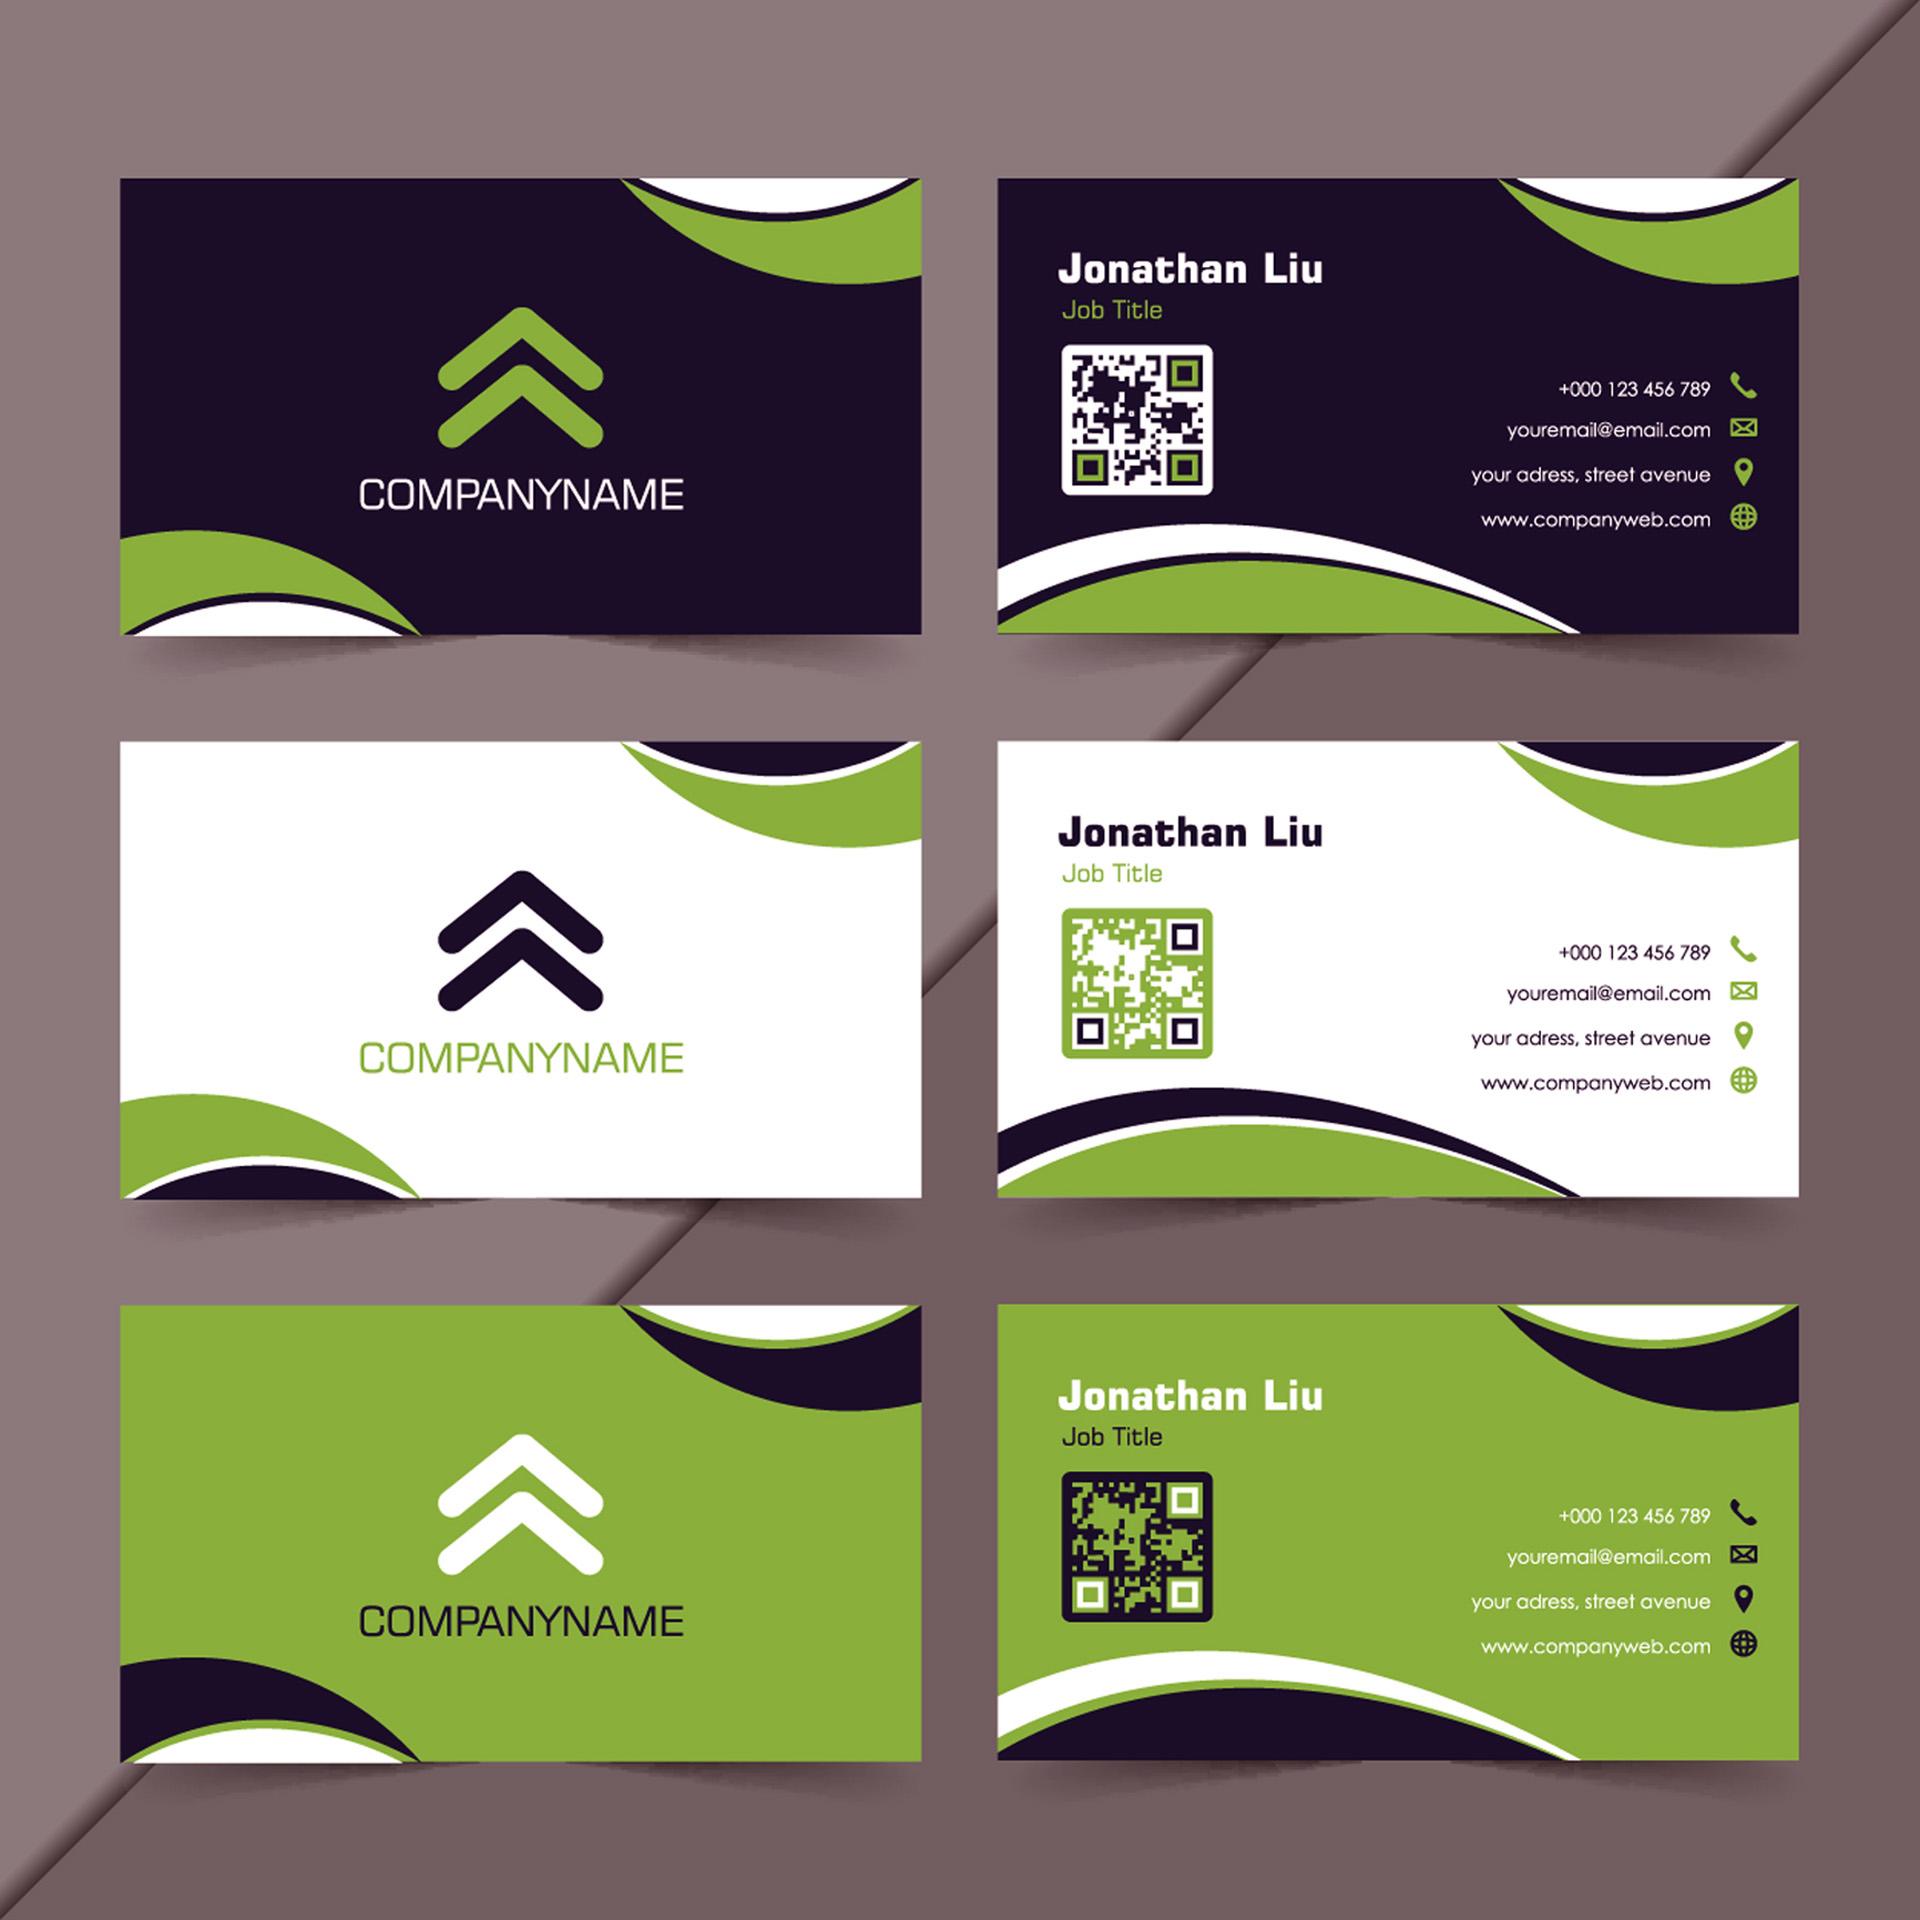 Verschiedene Motive für Vor- und Rückseite einer Visitenkarte